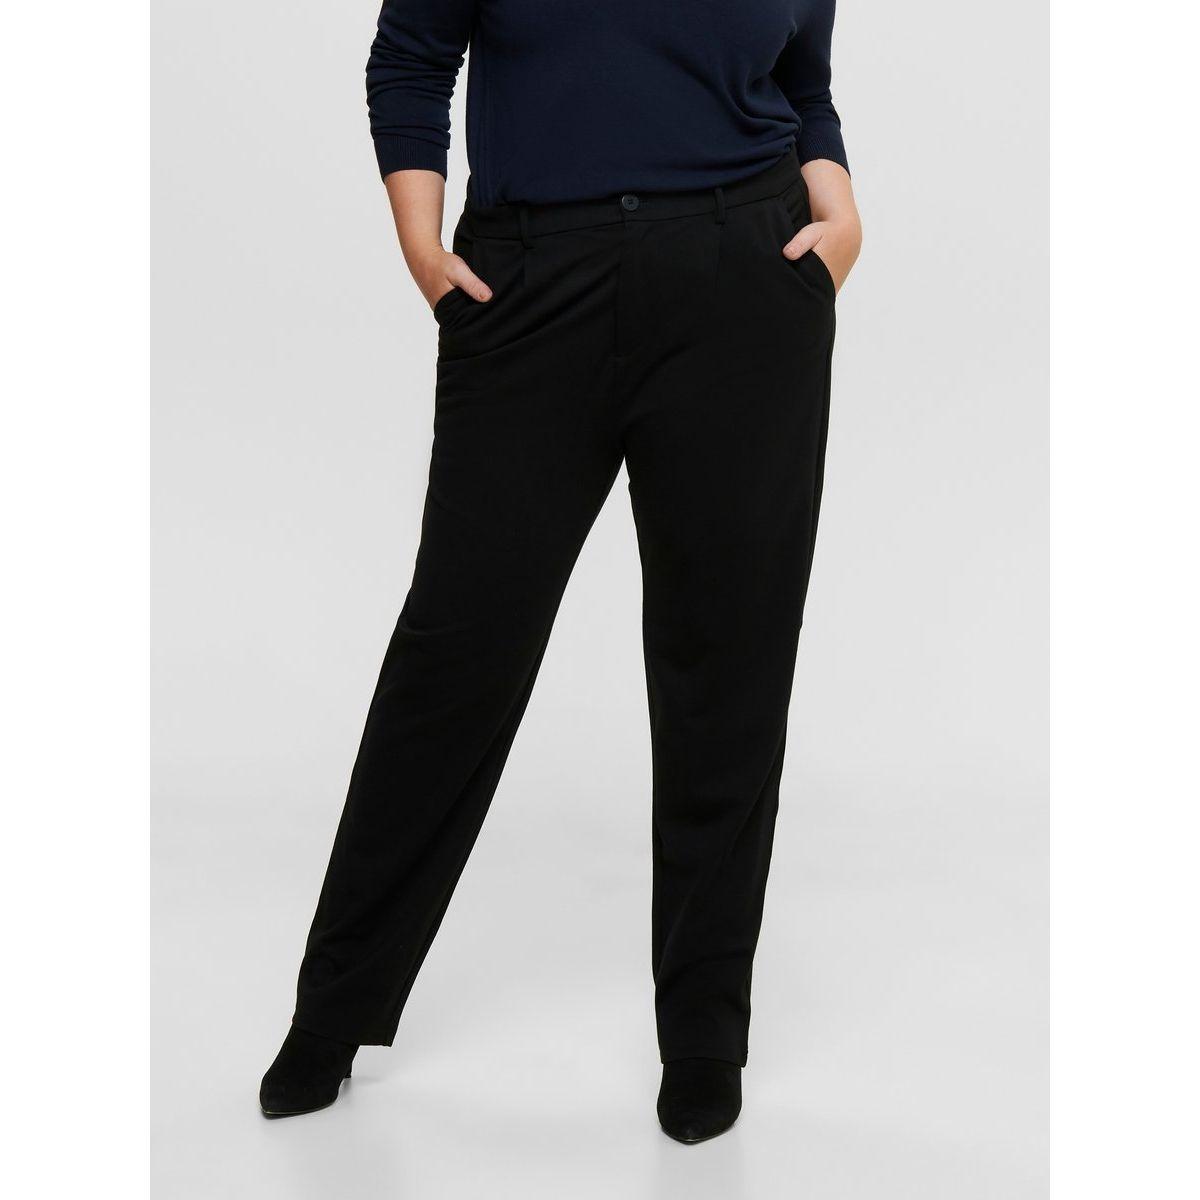 Pantalon Voluptueux coupe droite